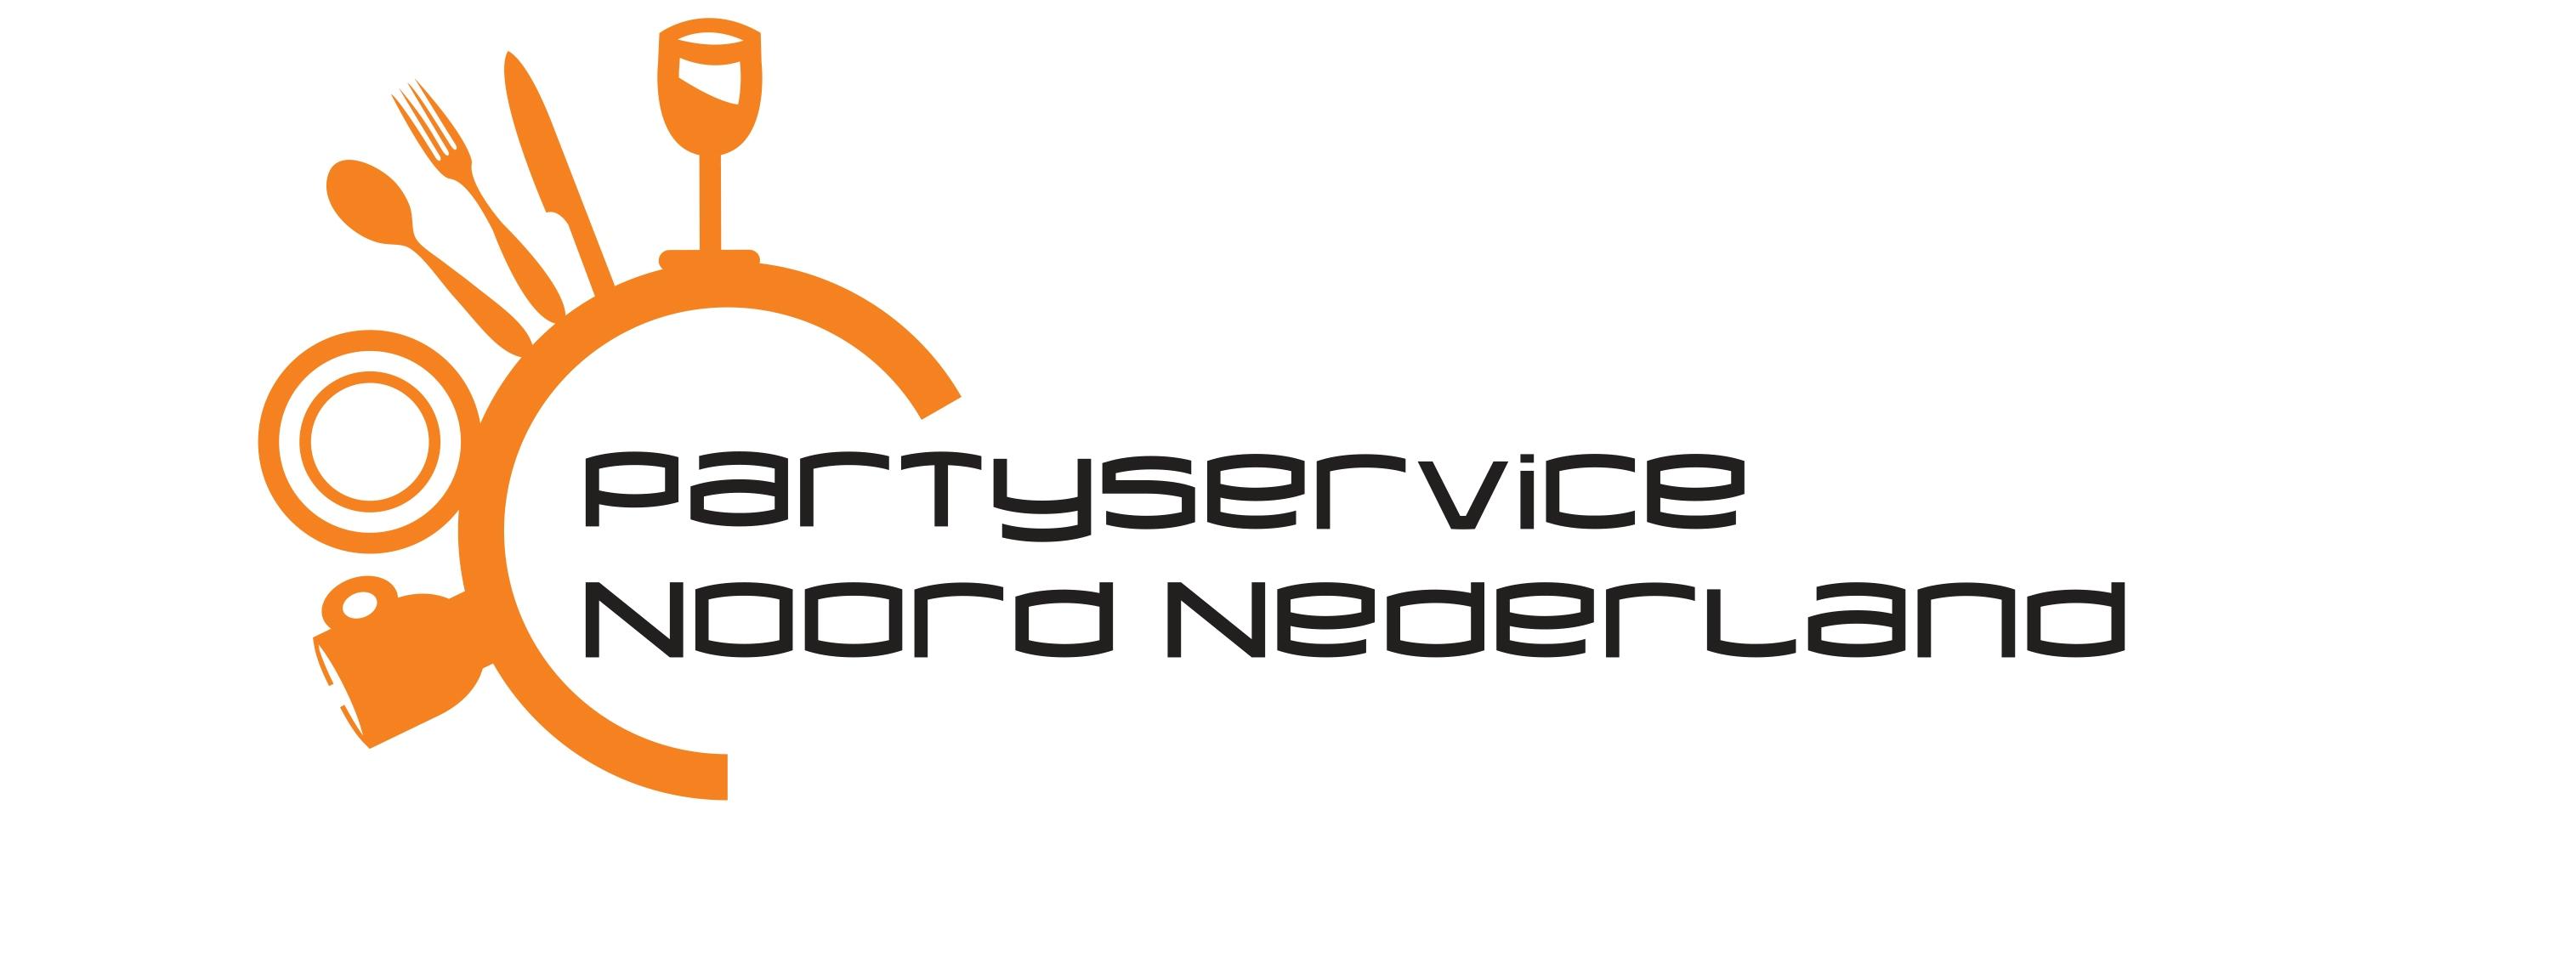 vv Thriantha, kleding sponsor, logo Partijservice Noord Nederland te Emmen